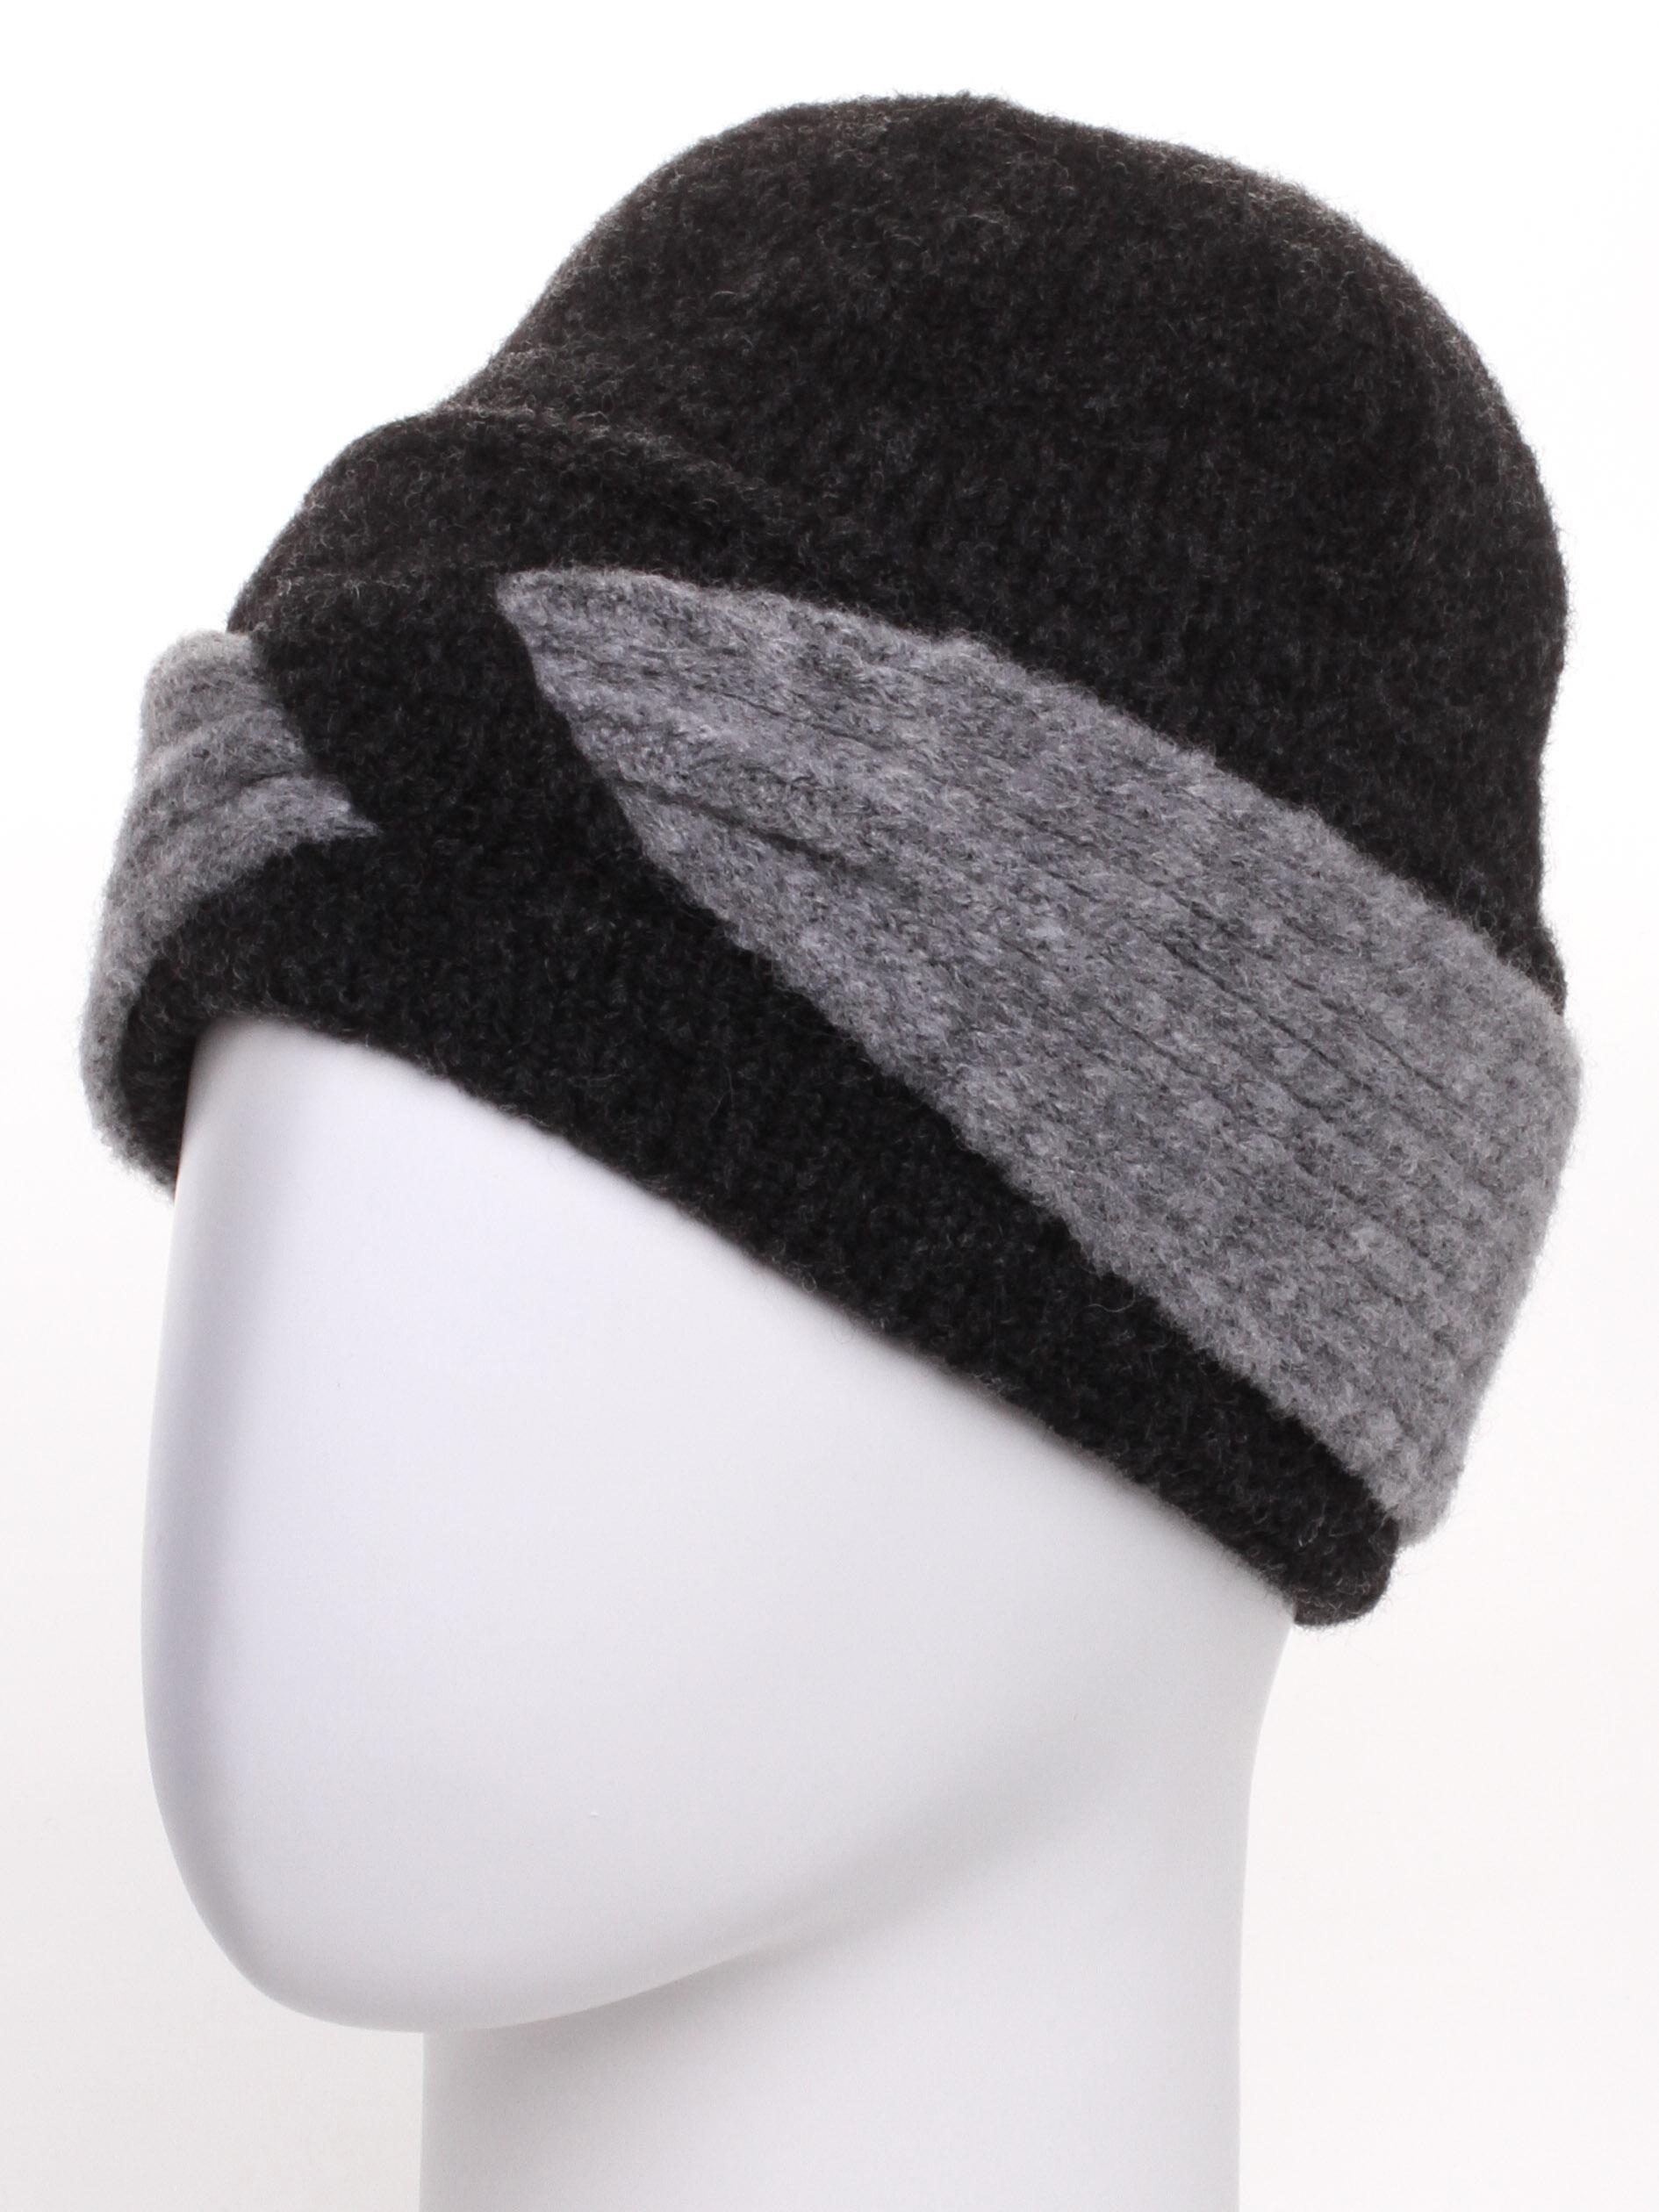 ШапкаШапки<br>Стильная шапка защитит Вас от непогоды и станет прекрасным дополнением Вашего образа.  В изделии использованы цвета: черный, серый<br><br>По материалу: Вязаные<br>По рисунку: Цветные<br>По сезону: Зима<br>Размер : universal<br>Материал: Вязаное полотно<br>Количество в наличии: 1